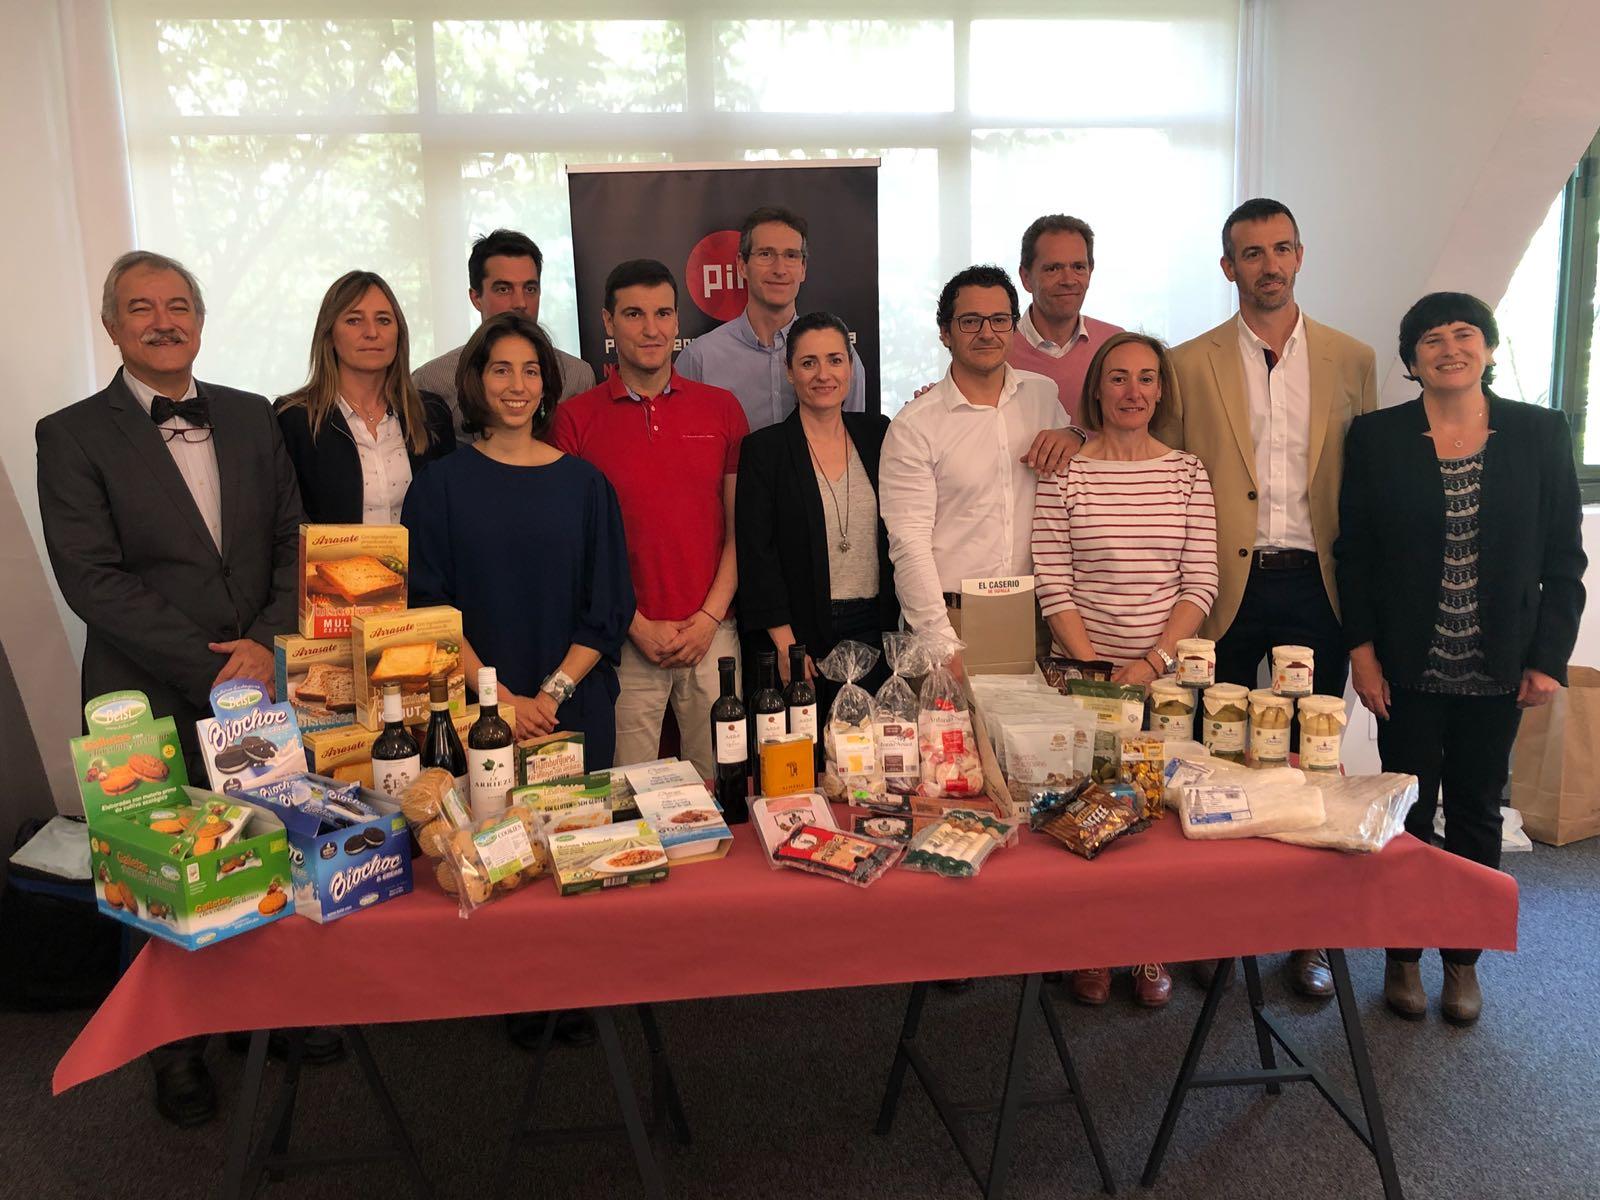 Representantes de las empresas agrupadas en Gourmex muestran sus productos.